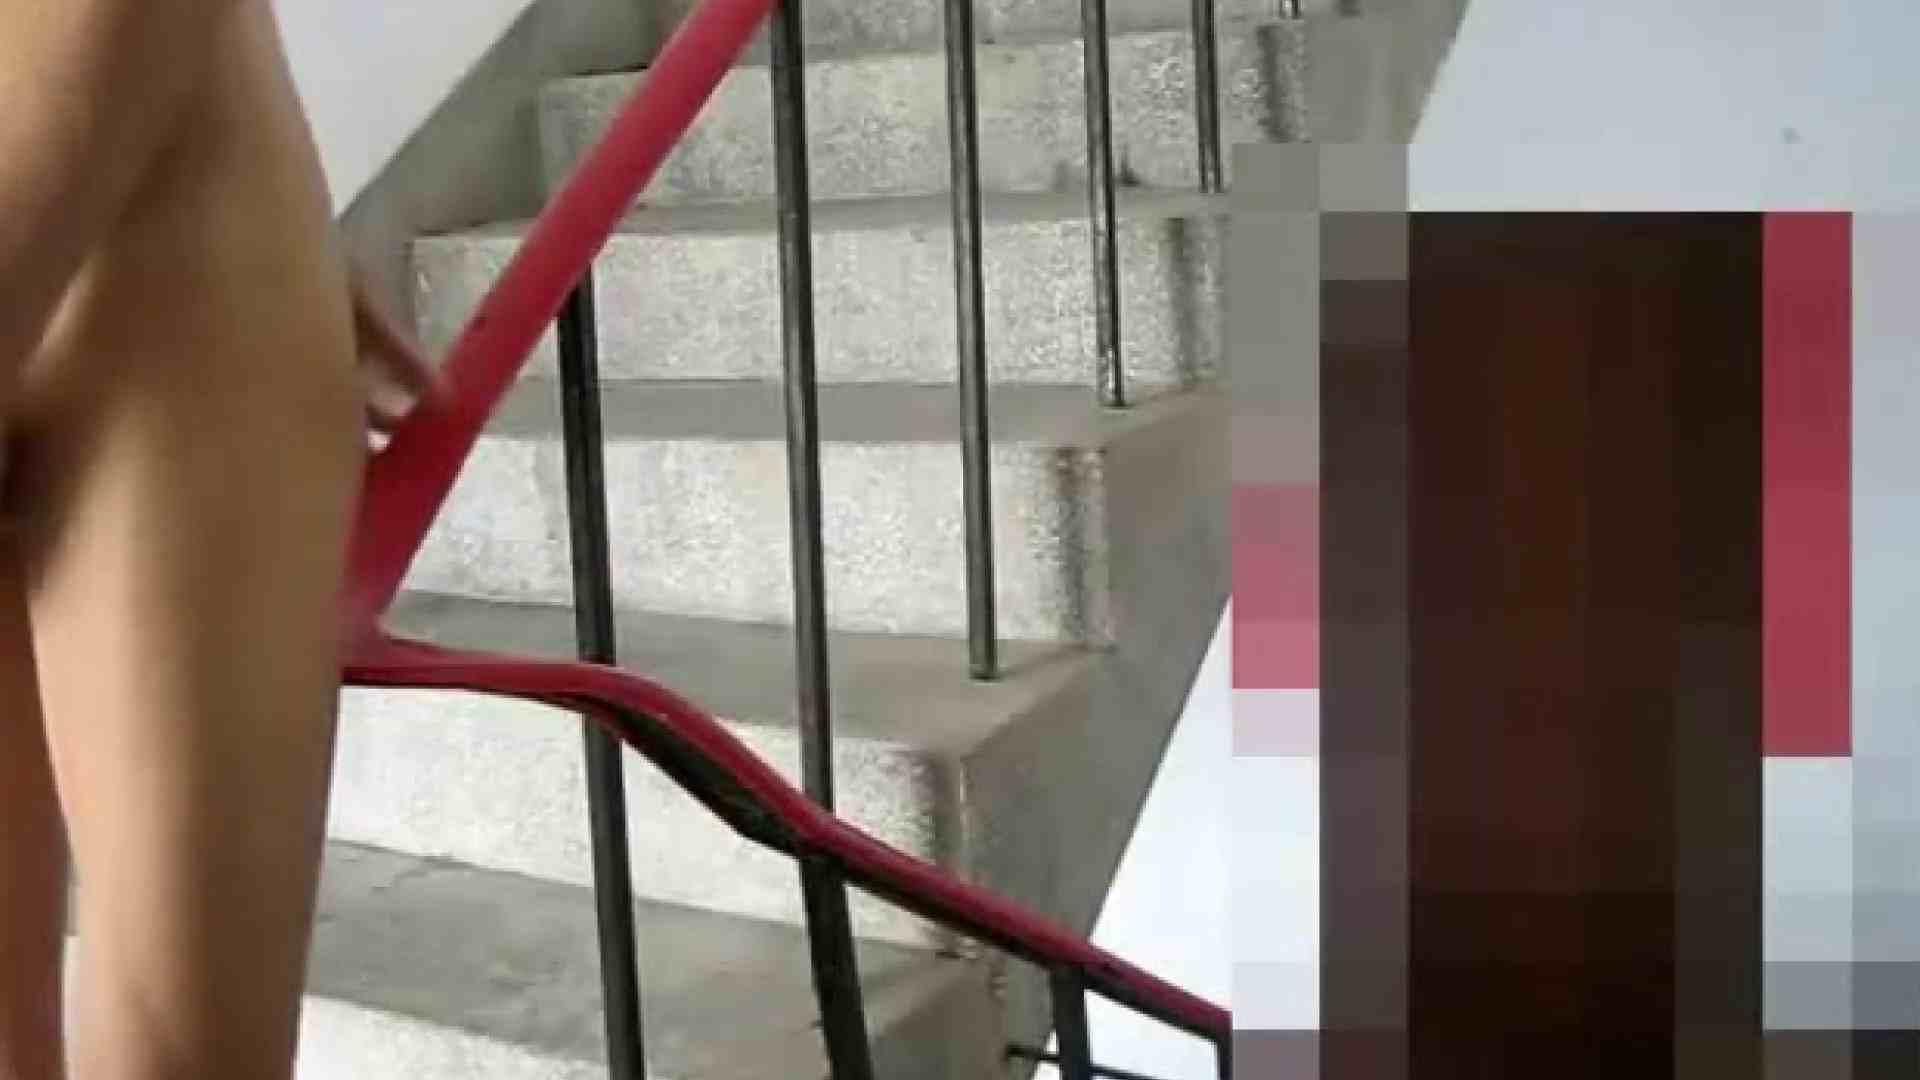 階段オナニー オナニー | モザイク無し アダルトビデオ画像キャプチャ 95pic 28